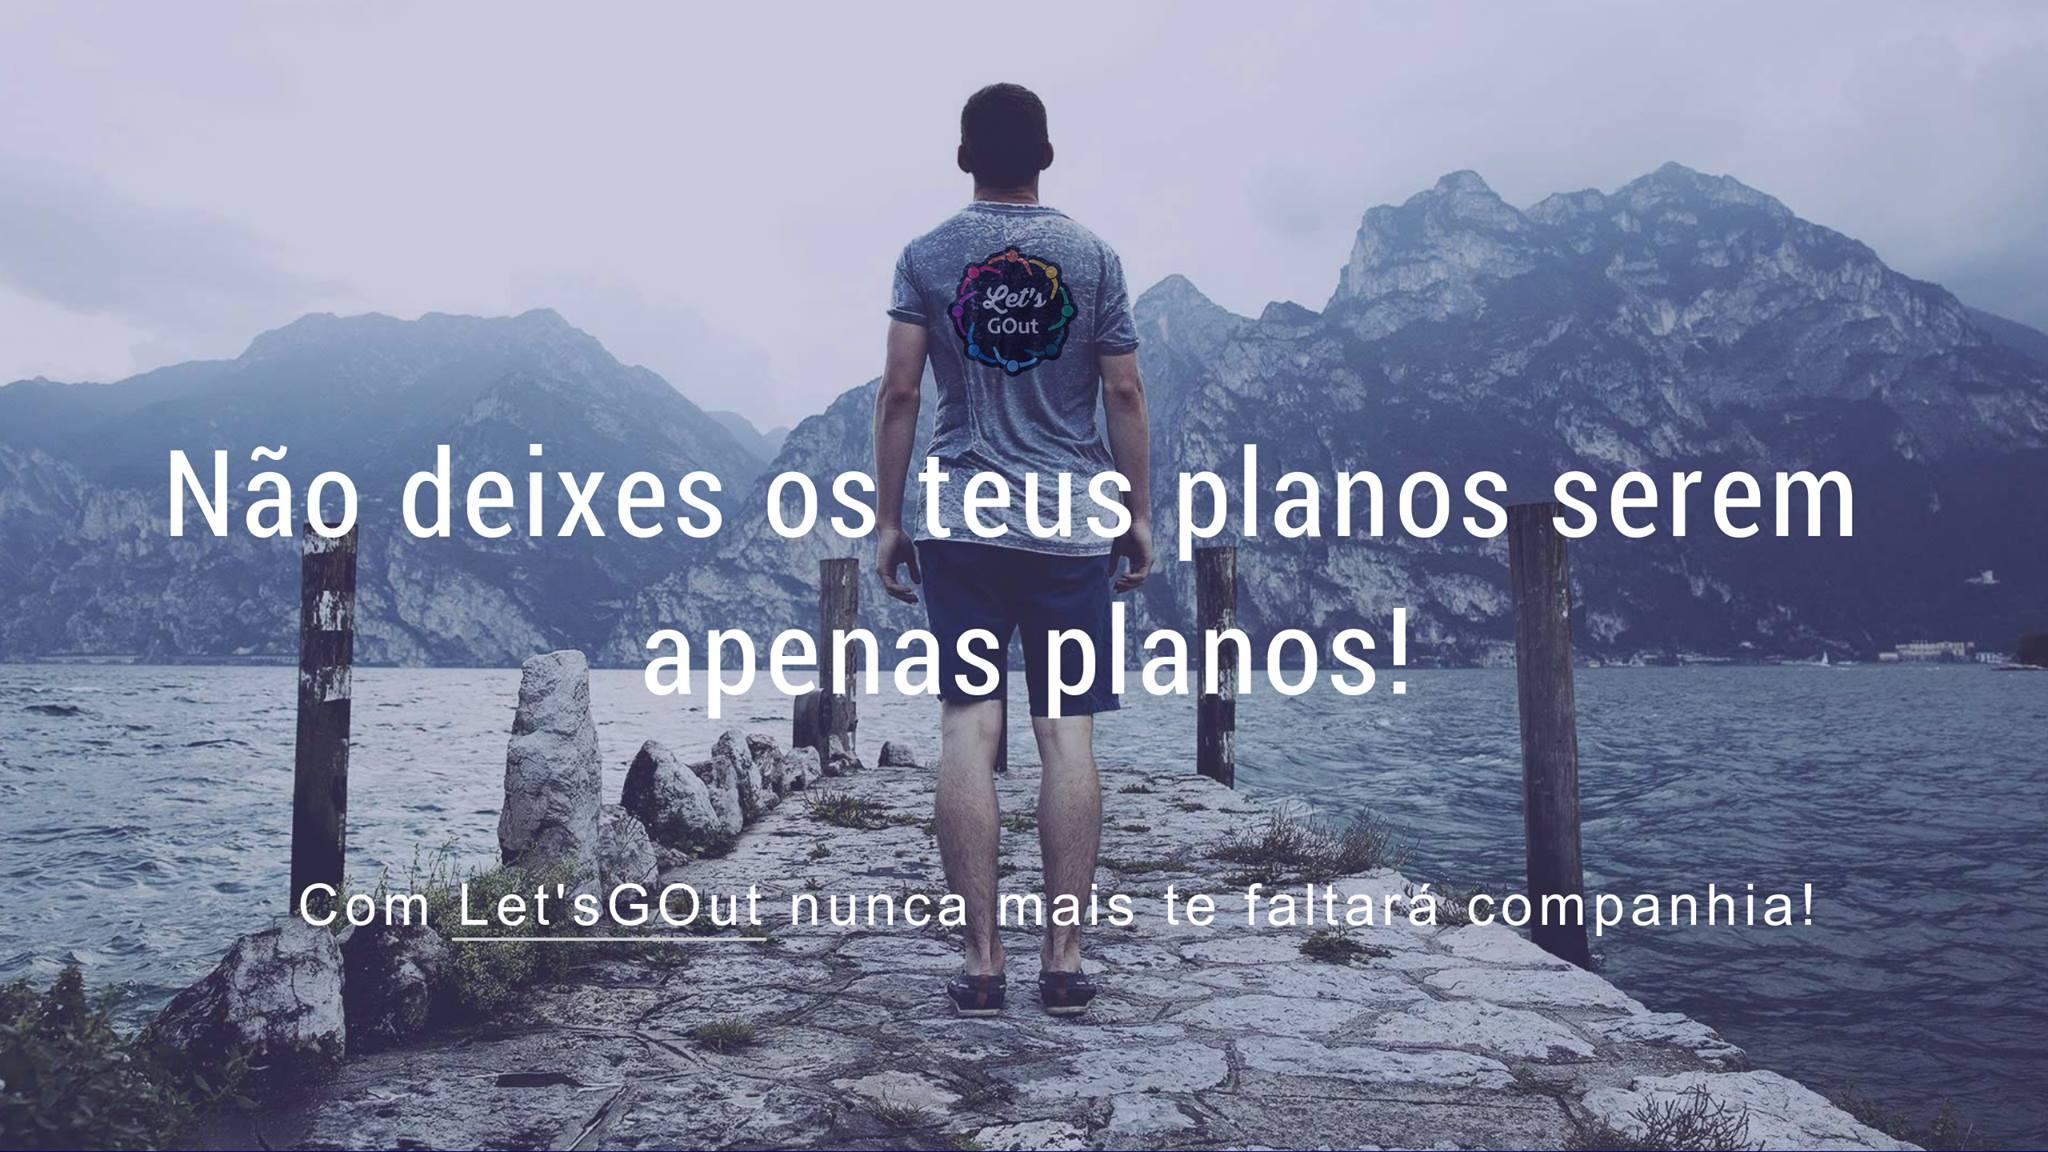 Let's GOut: Nunca mais deixes os teus planos serem apenas planos